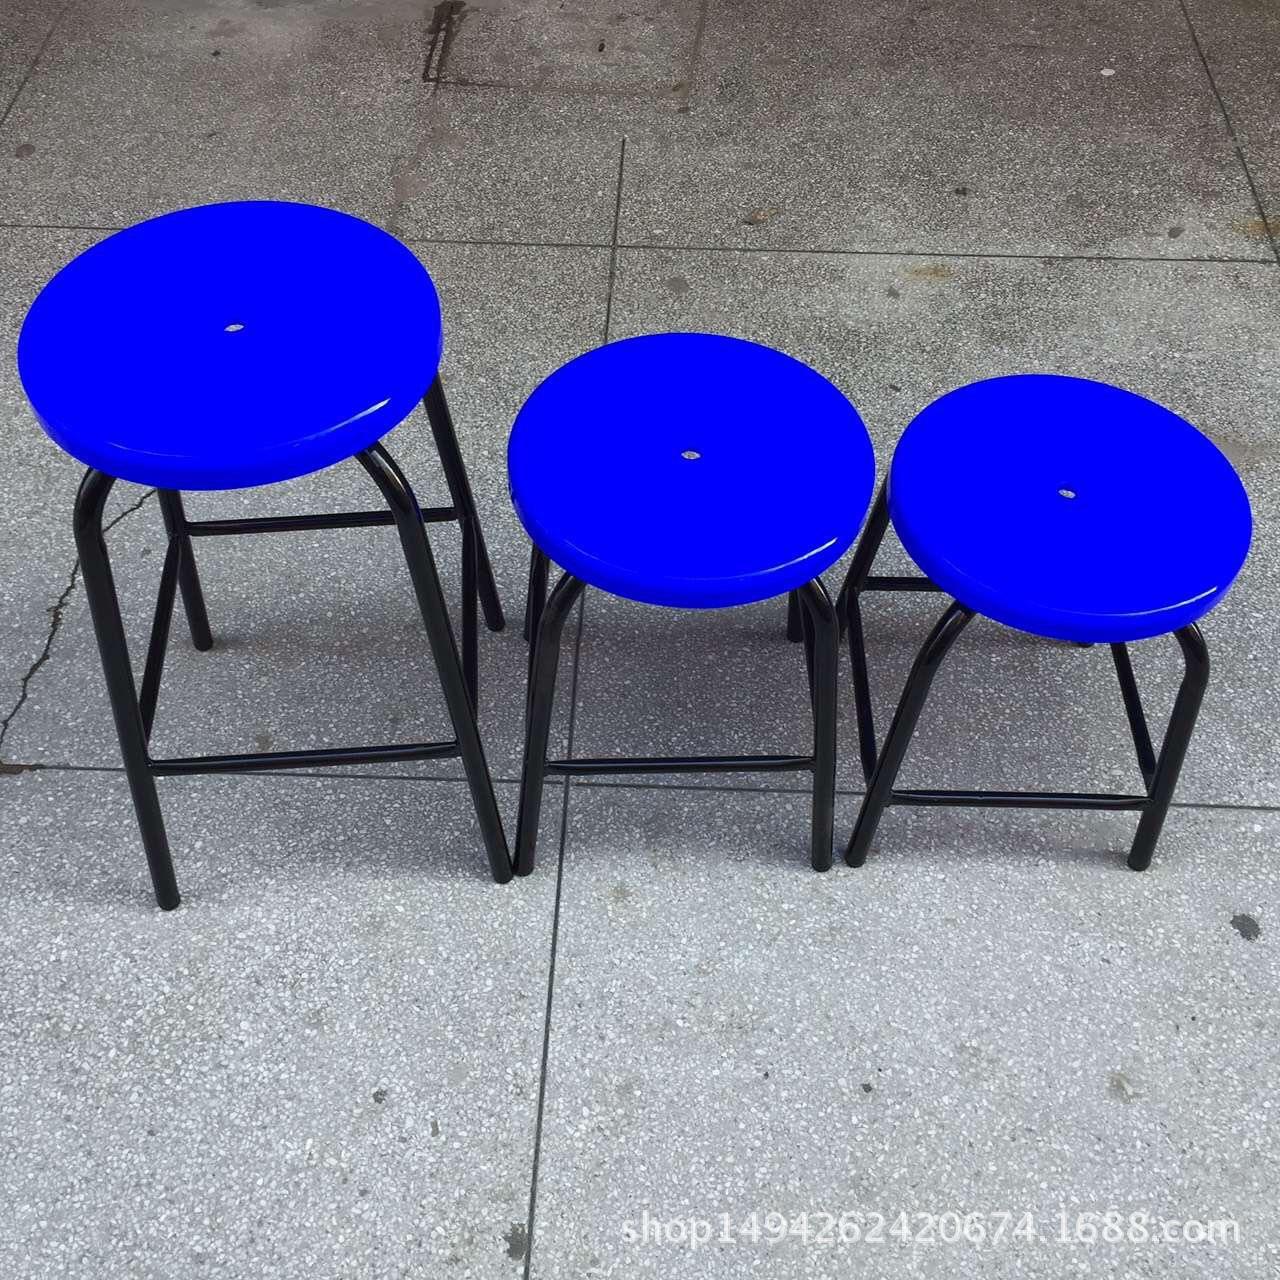 厂家直销工厂流水线防静电凳子 防静塑胶圆凳 防静电铁脚圆凳